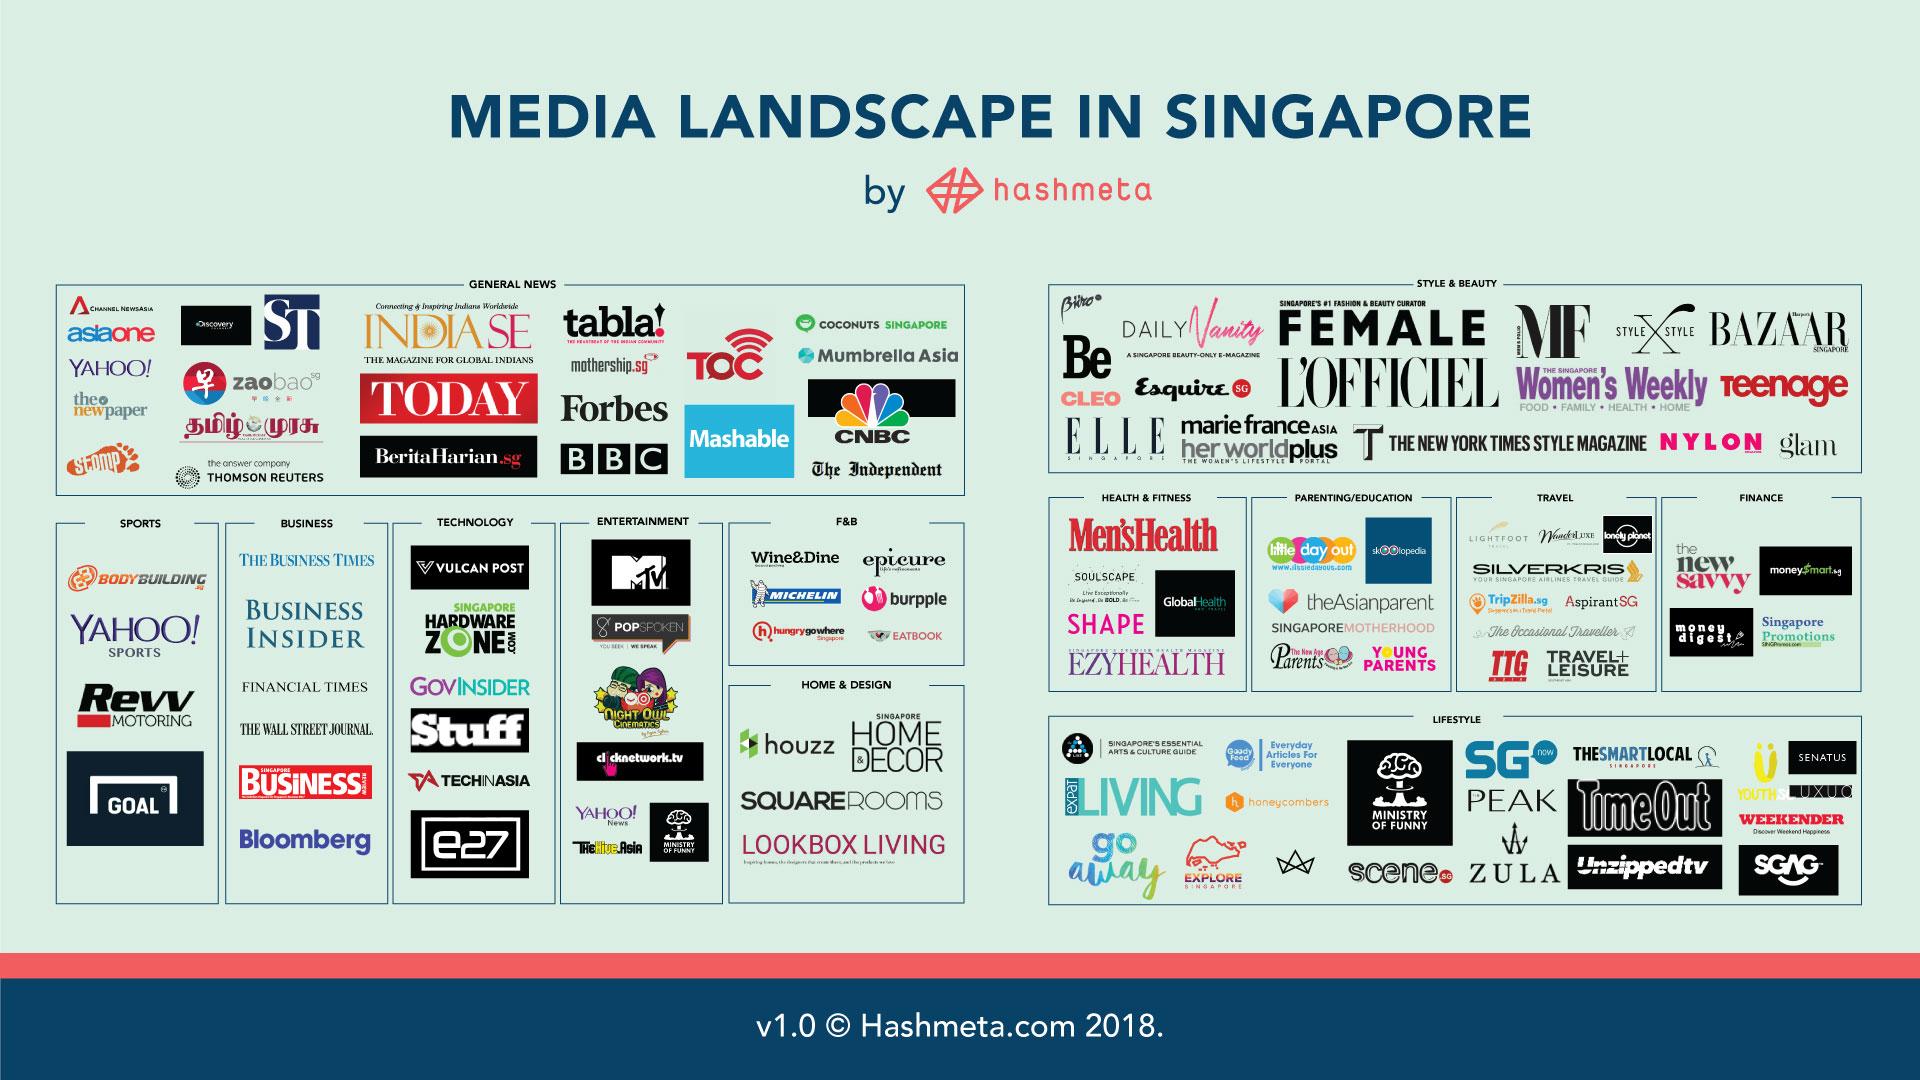 Medialandscape-Hashmeta-1920x1080px Сингапур интернэтэд хуурамч мэдээлэл, заль мэх тархахаас хамгаалах тухай хуулийн төслийг хэлэлцэж эхэлжээ